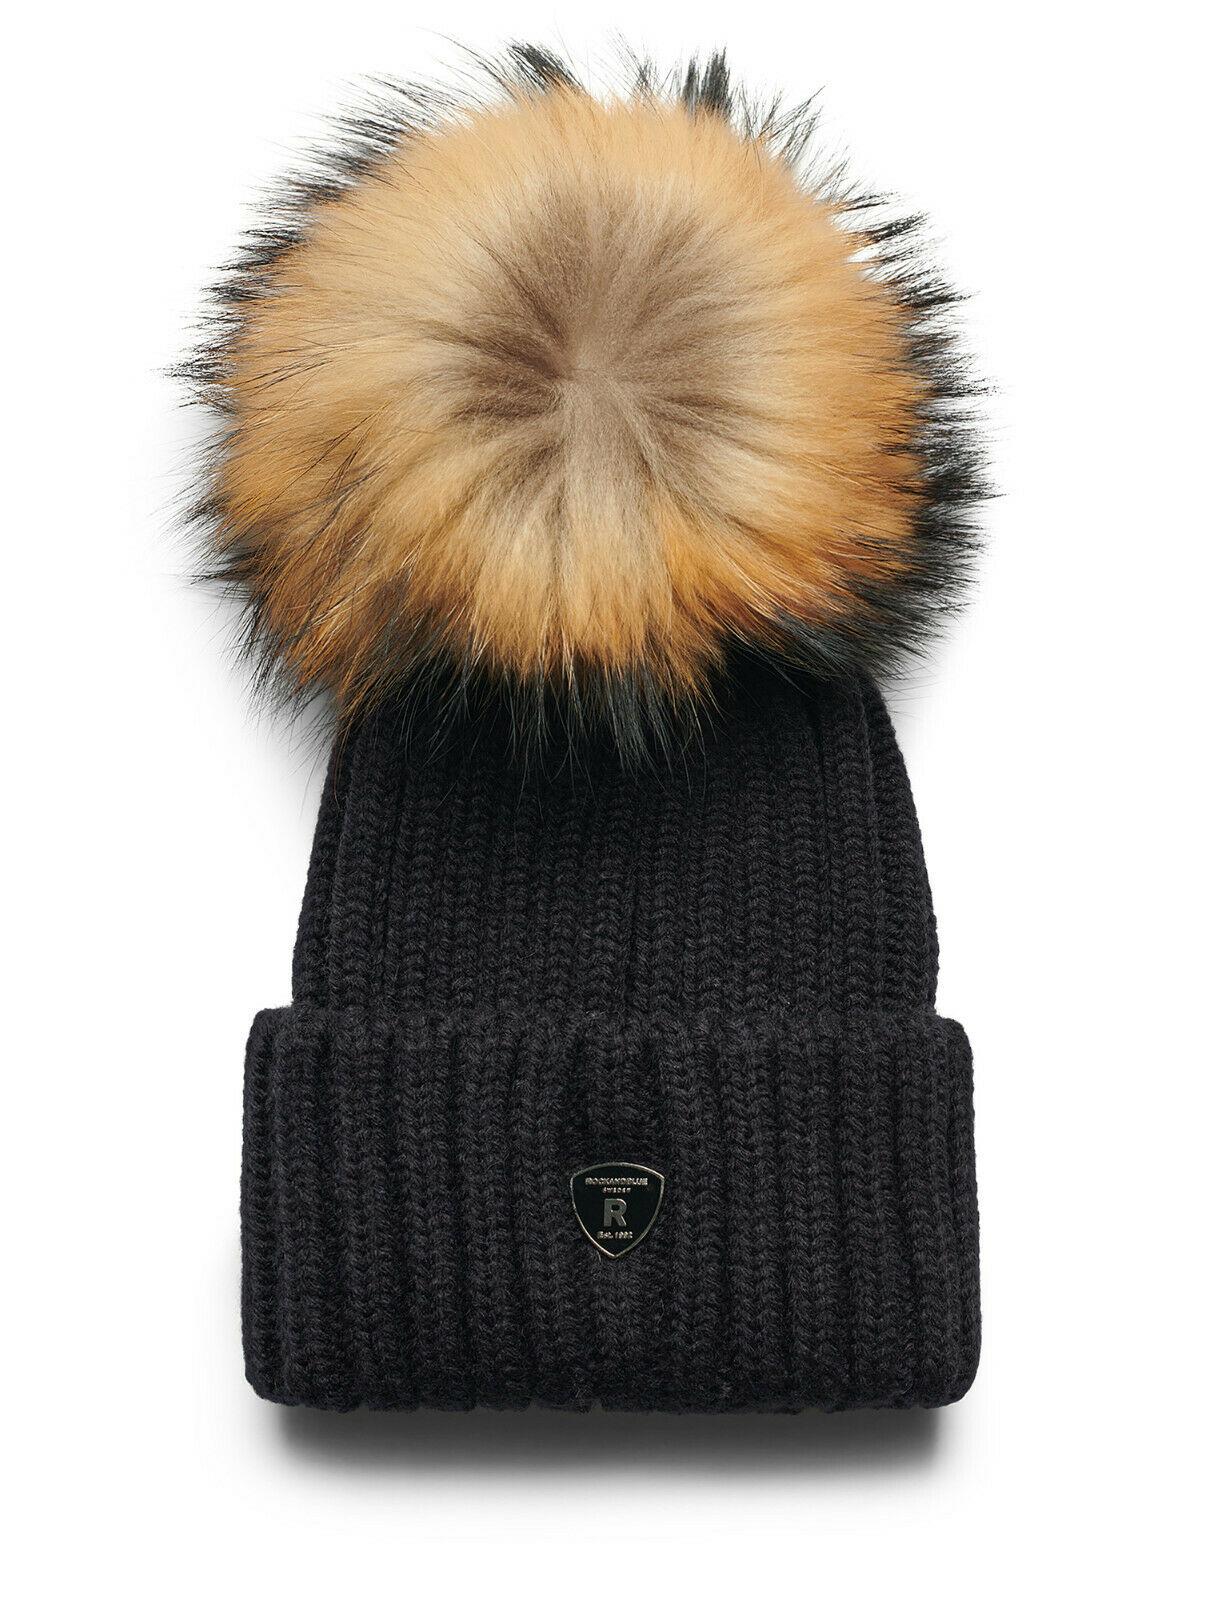 RockandBlue Mütze mit großem echt Pelz Bommel passend für Zora Beam und Ciara